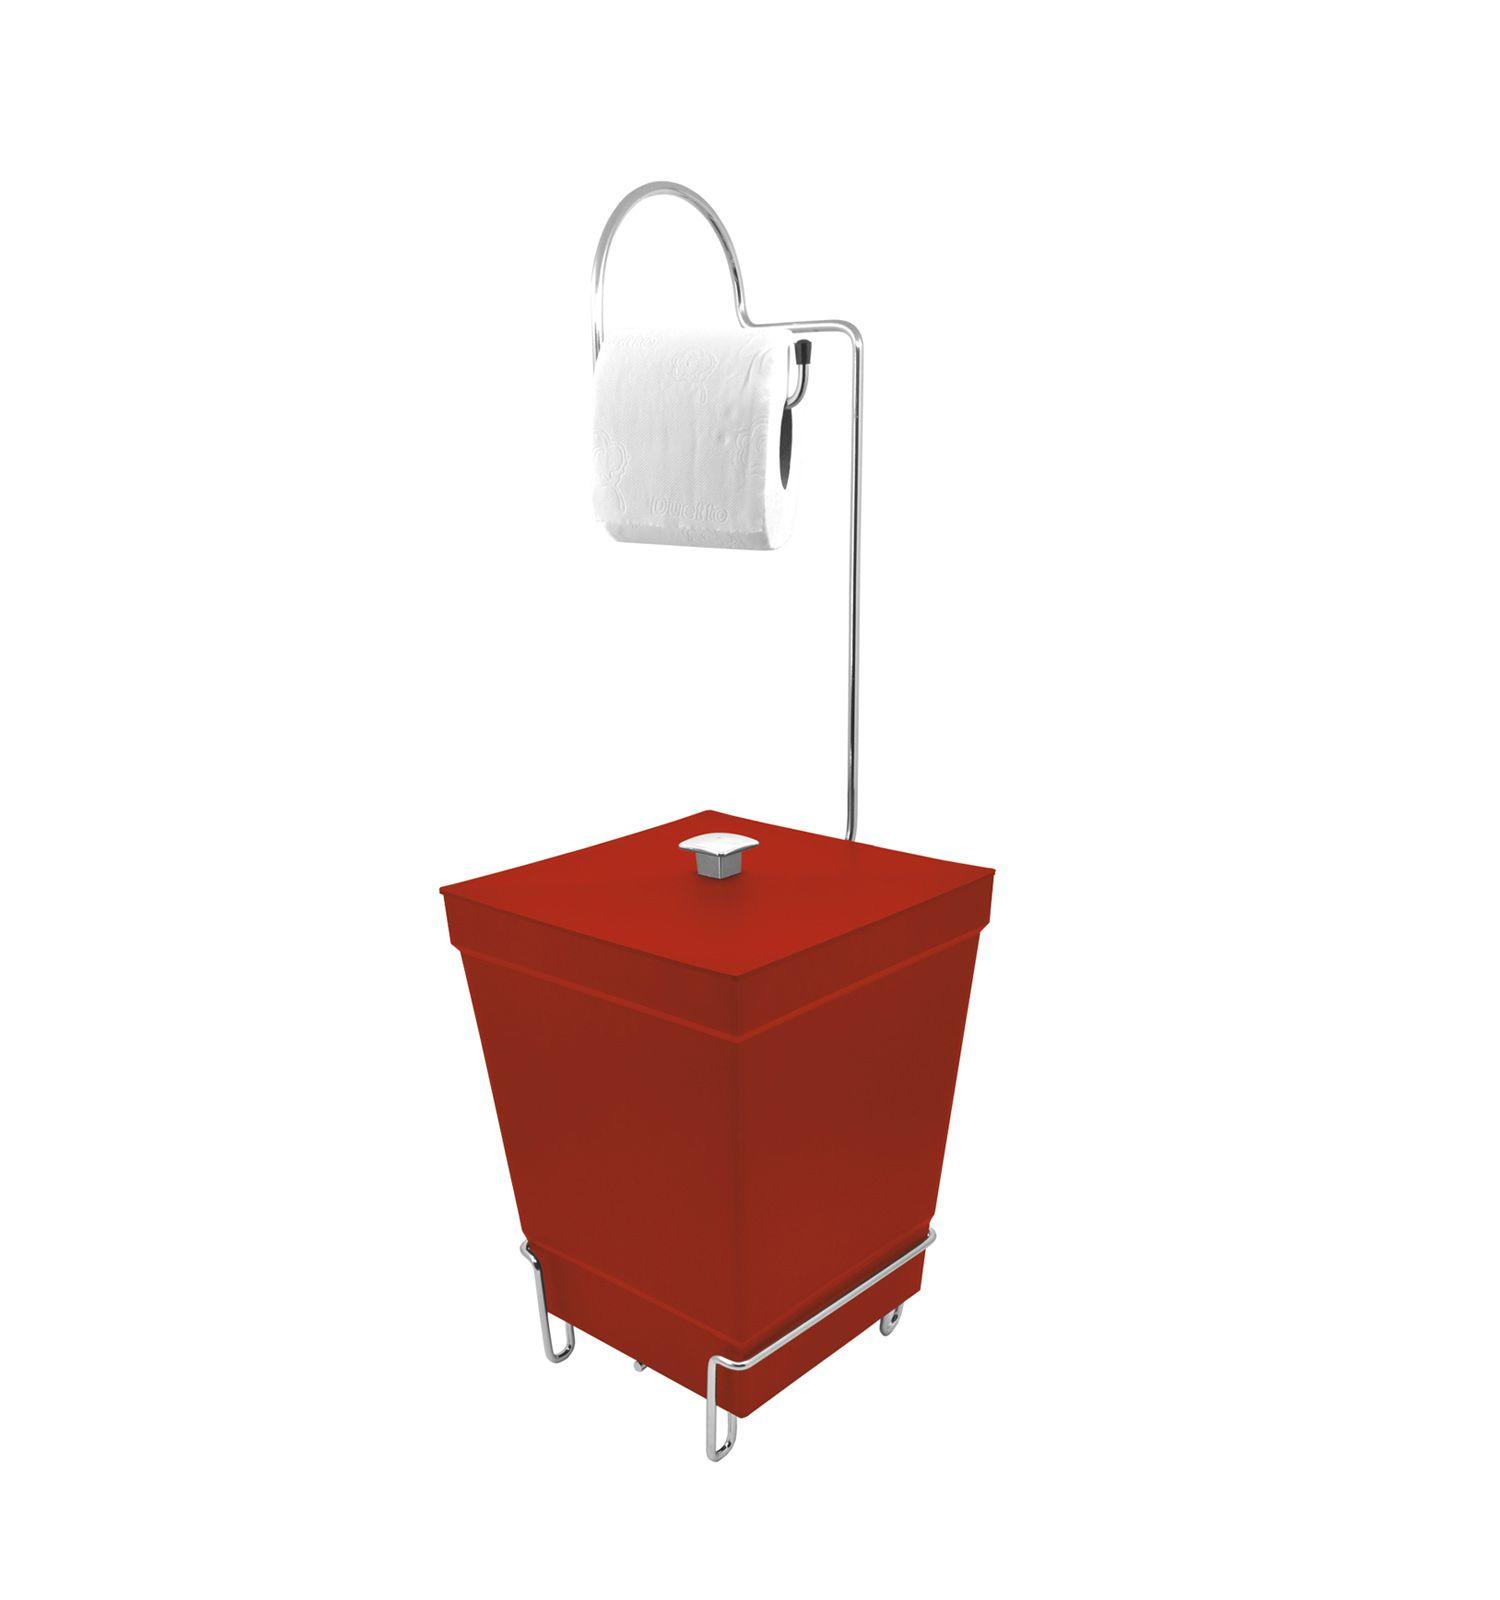 Kit 2 Lixeira + Suporte de papel Higiênico